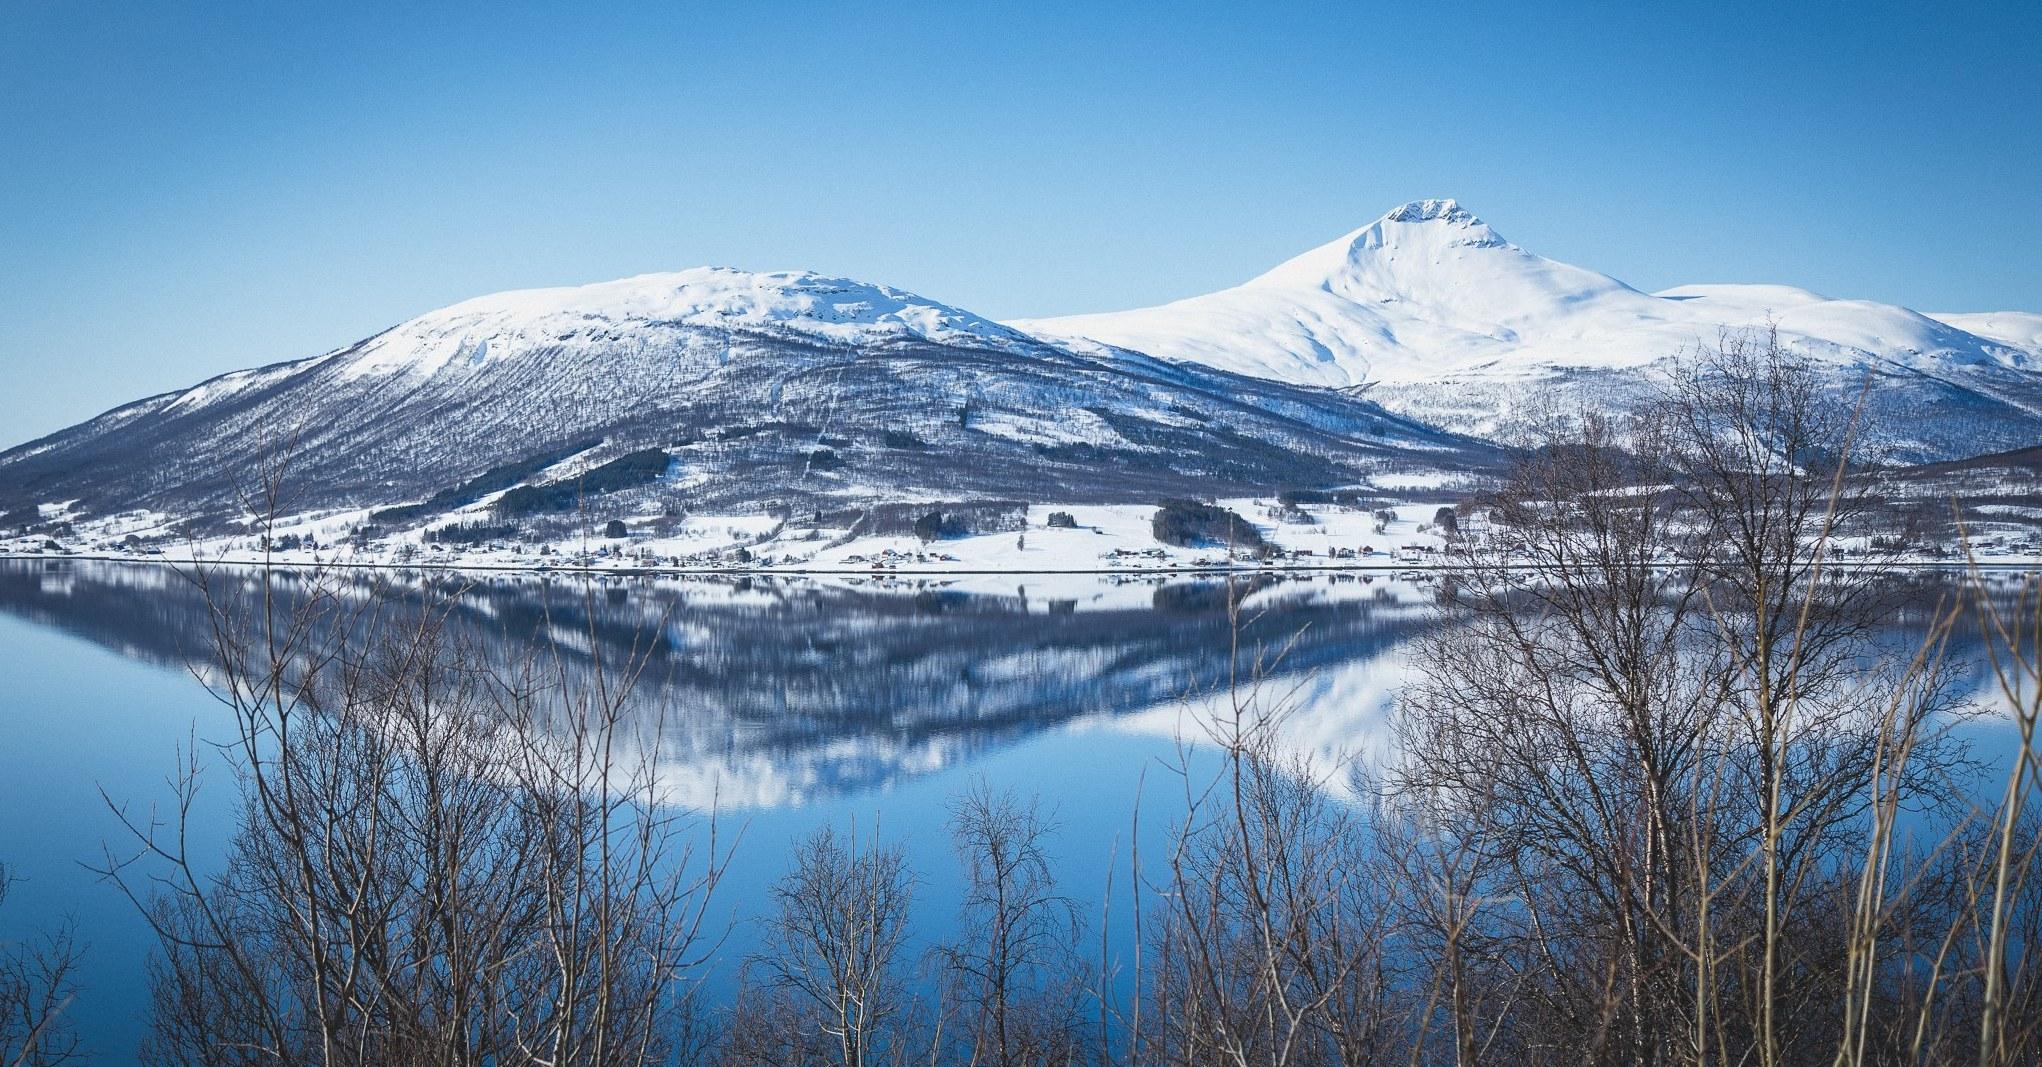 Kuukauden vierailu Suomessa takana, mitä seuraavaksi?